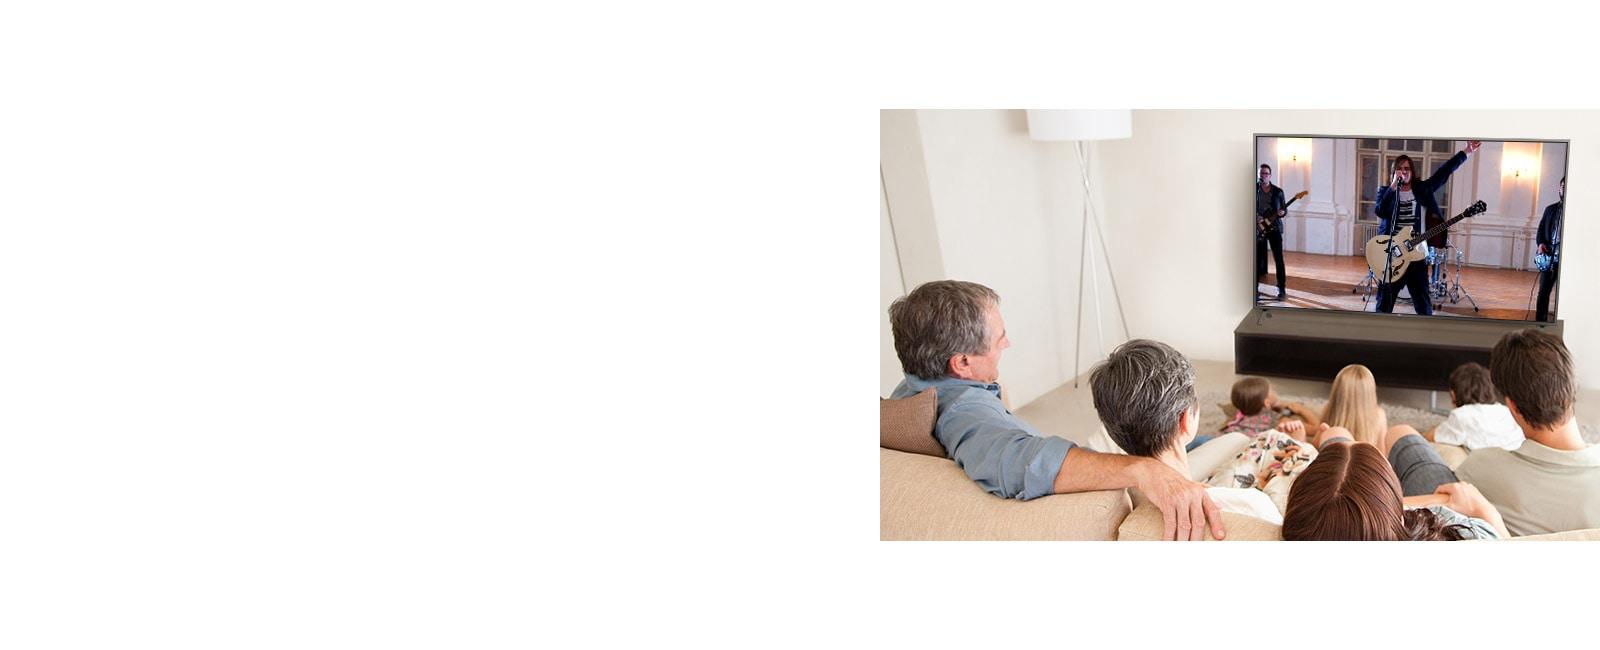 Une famille de sept personnes s'est réunie dans le salon, regardant un film. L'écran de télévision montre un groupe en train de jouer.